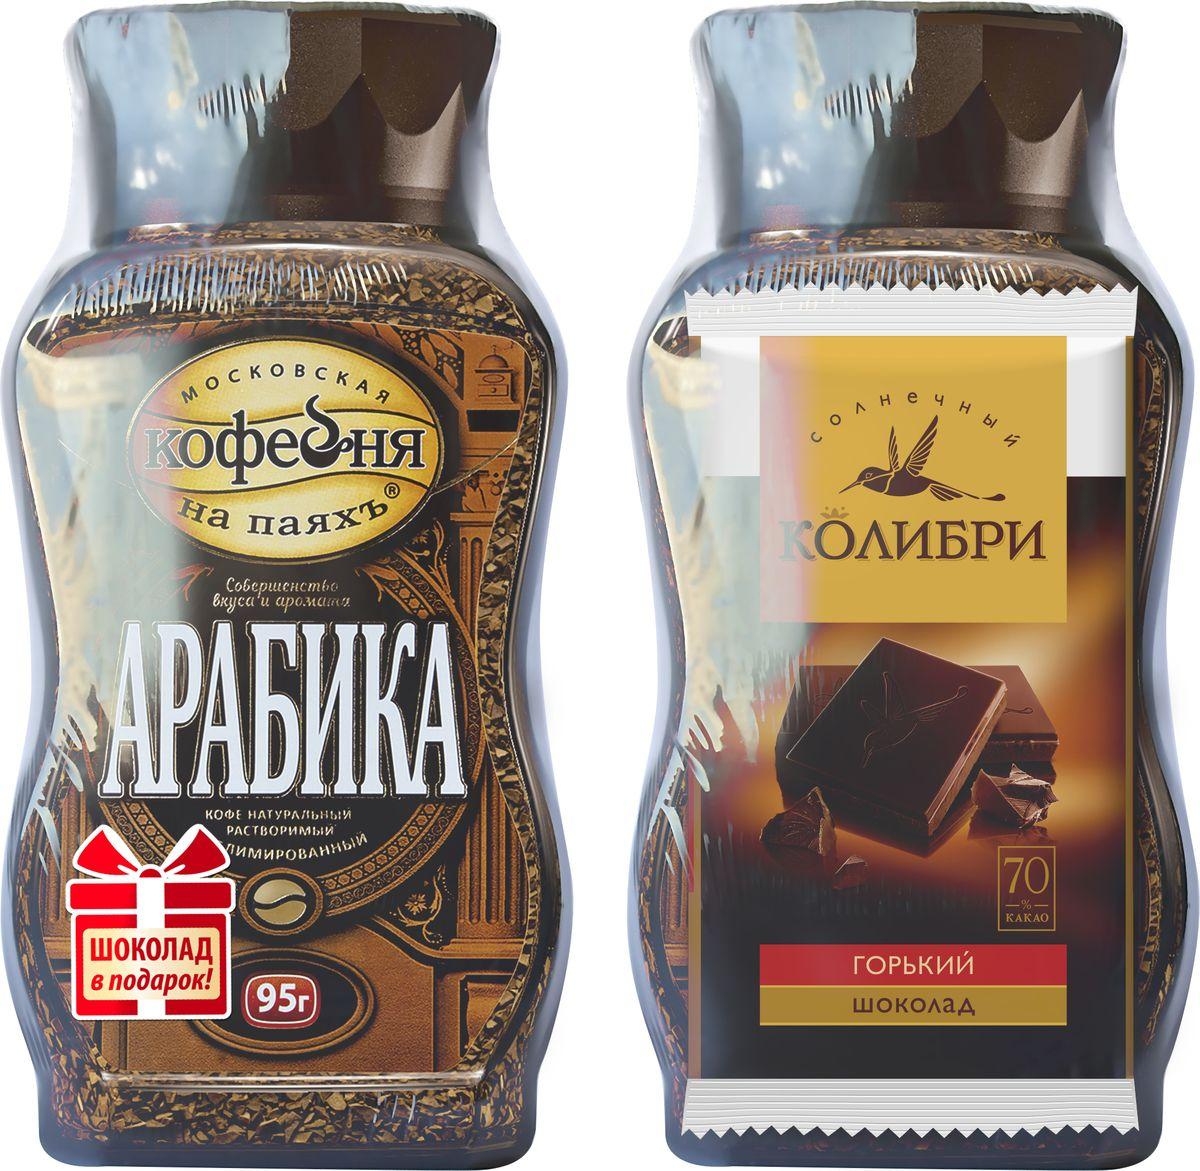 Московская кофейня на паяхъ Кофе сублимированный Арабика банка, 95 г + Солнечный колибри шоколад горький , 35 г